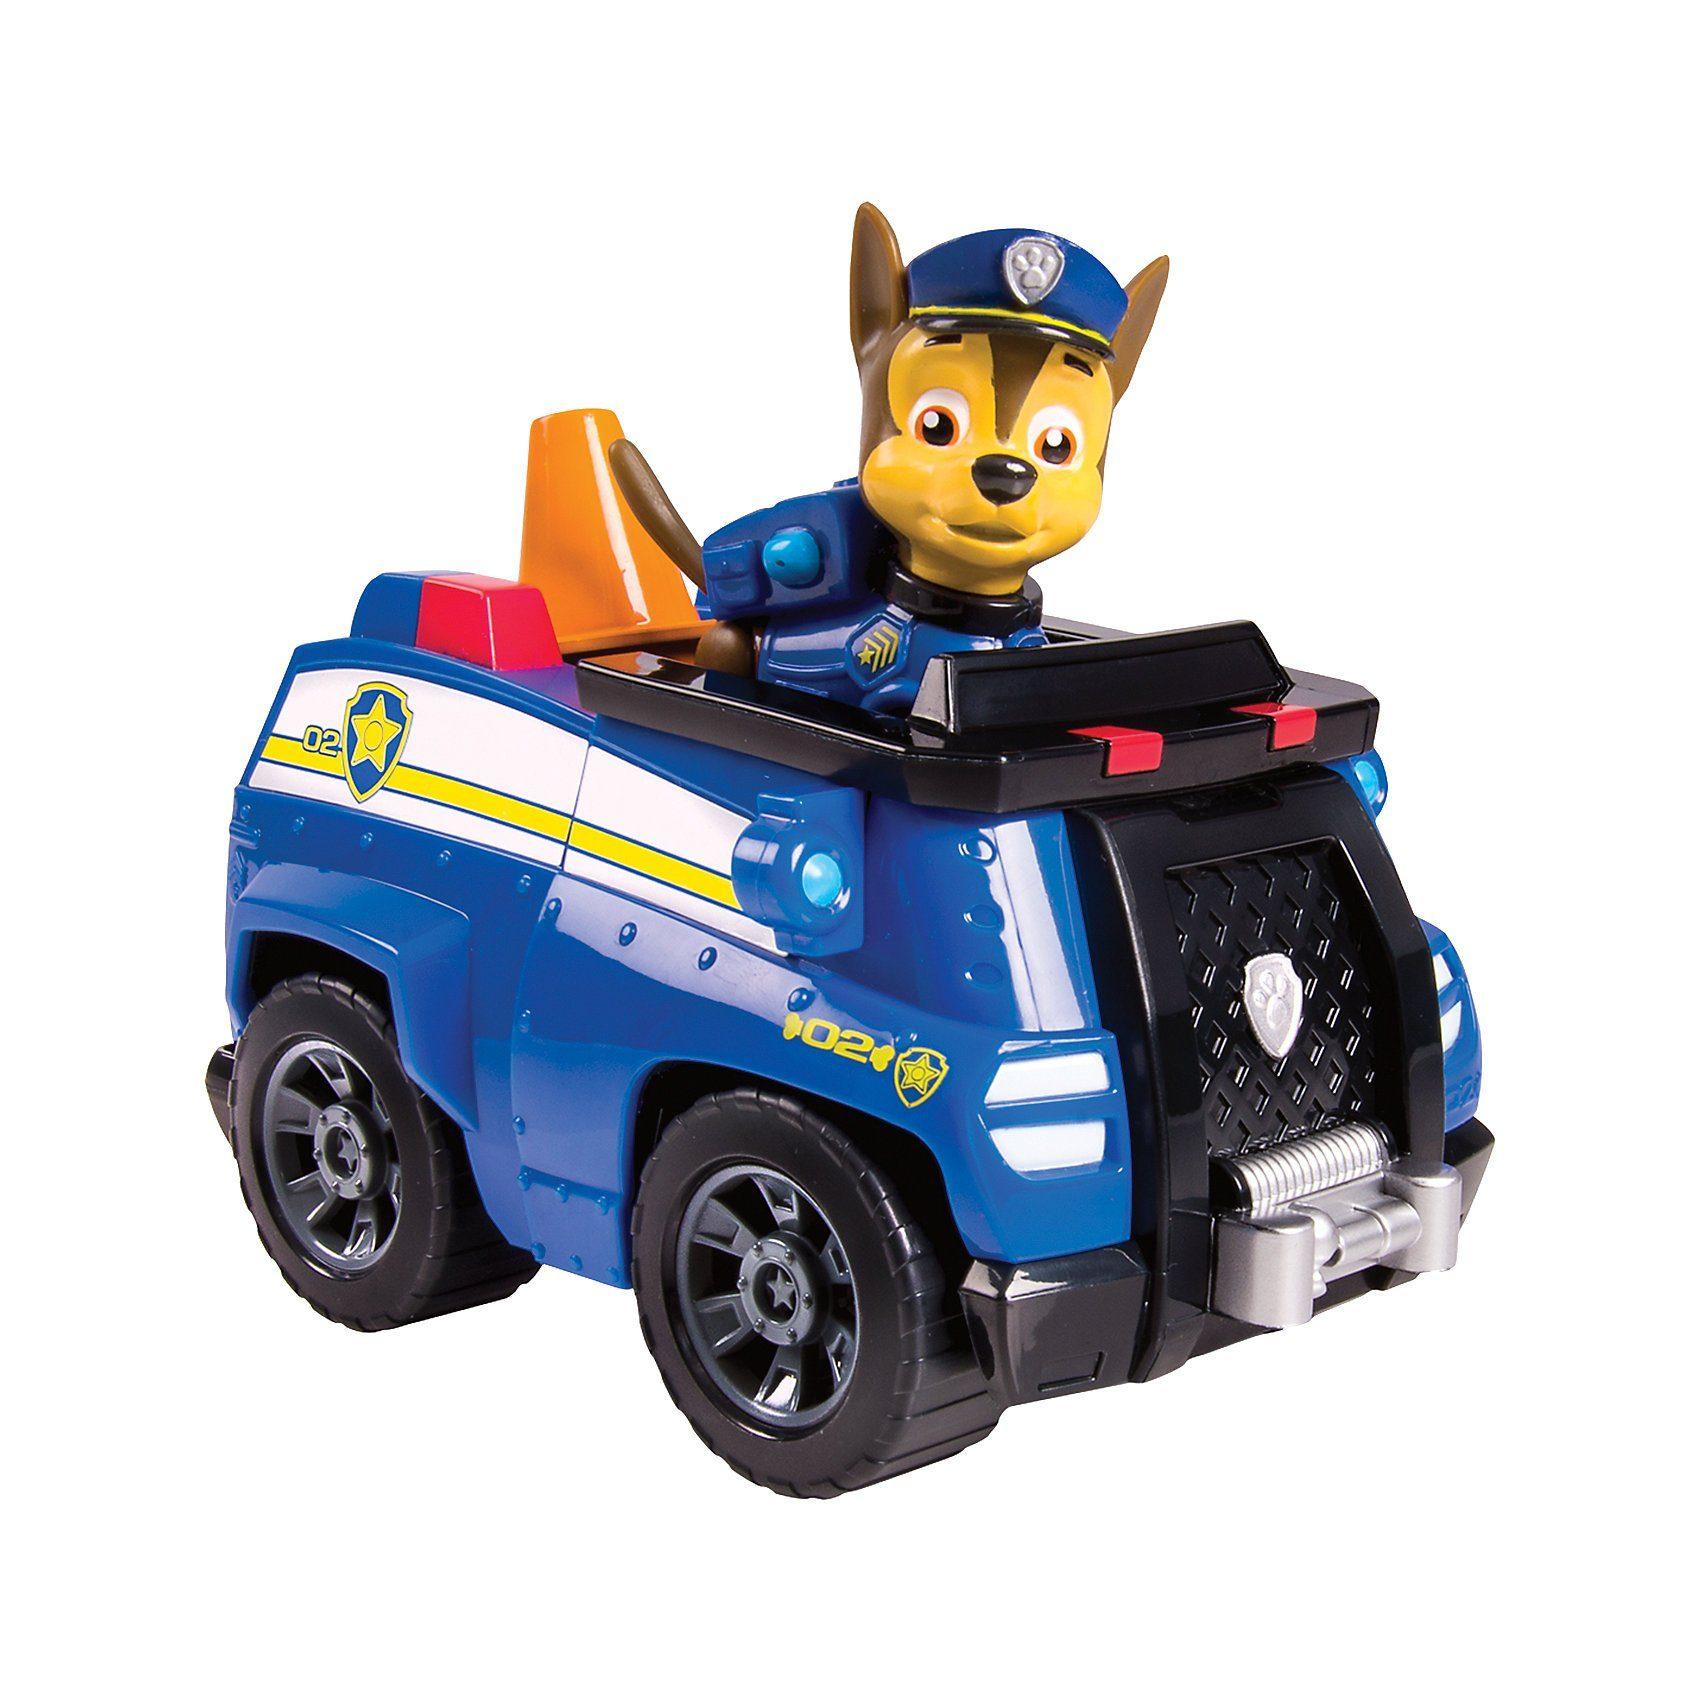 Film- & TV-Spielzeug Spin Master Paw Patrol Spielfigur mit Fahrzeug günstig kaufen